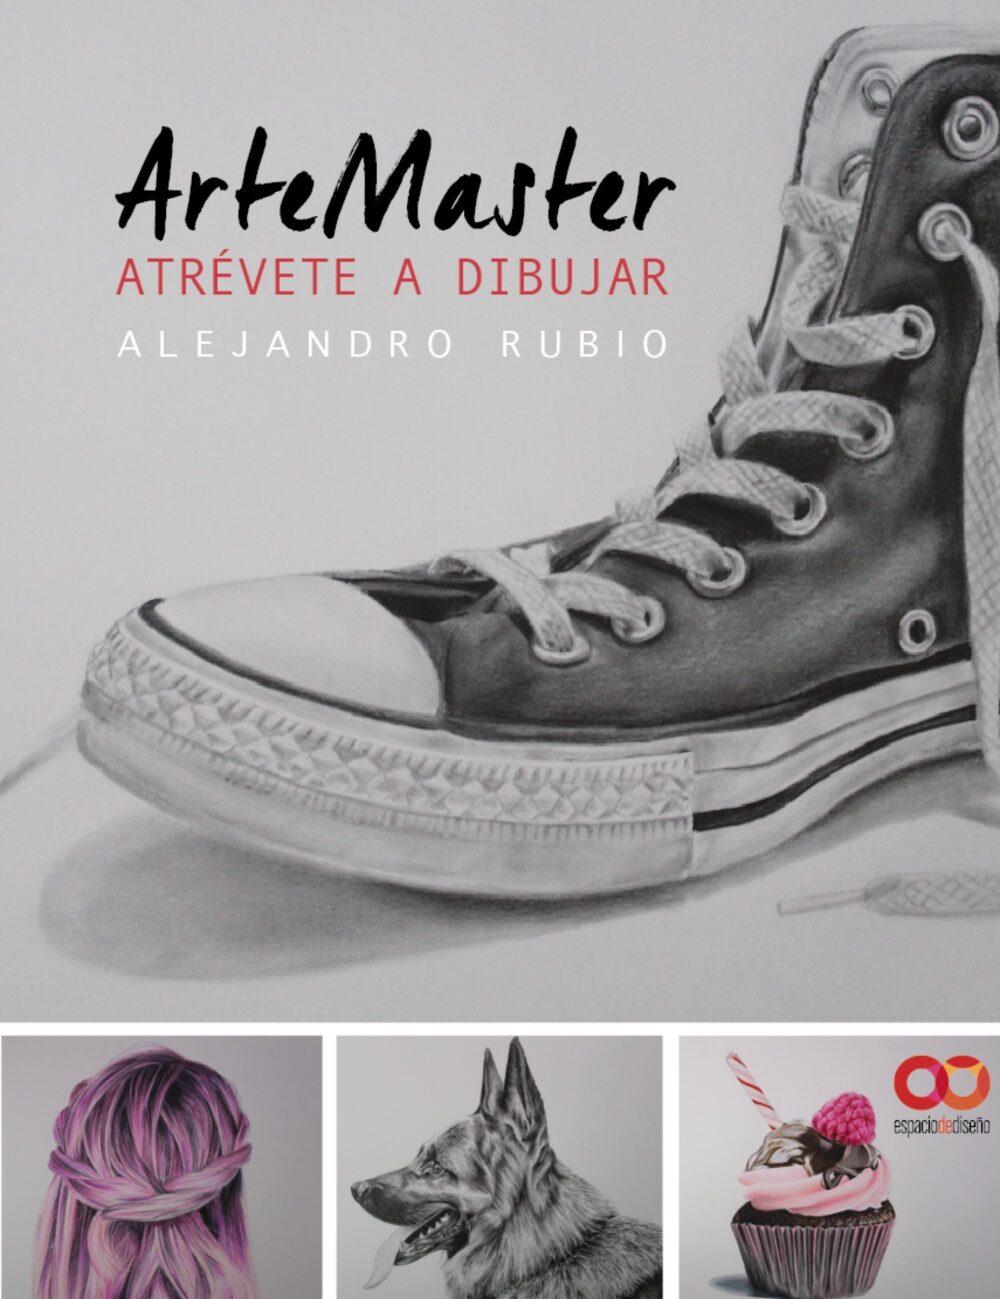 Artemaster: Atrevete A Dibujar por Alejandro Rubio